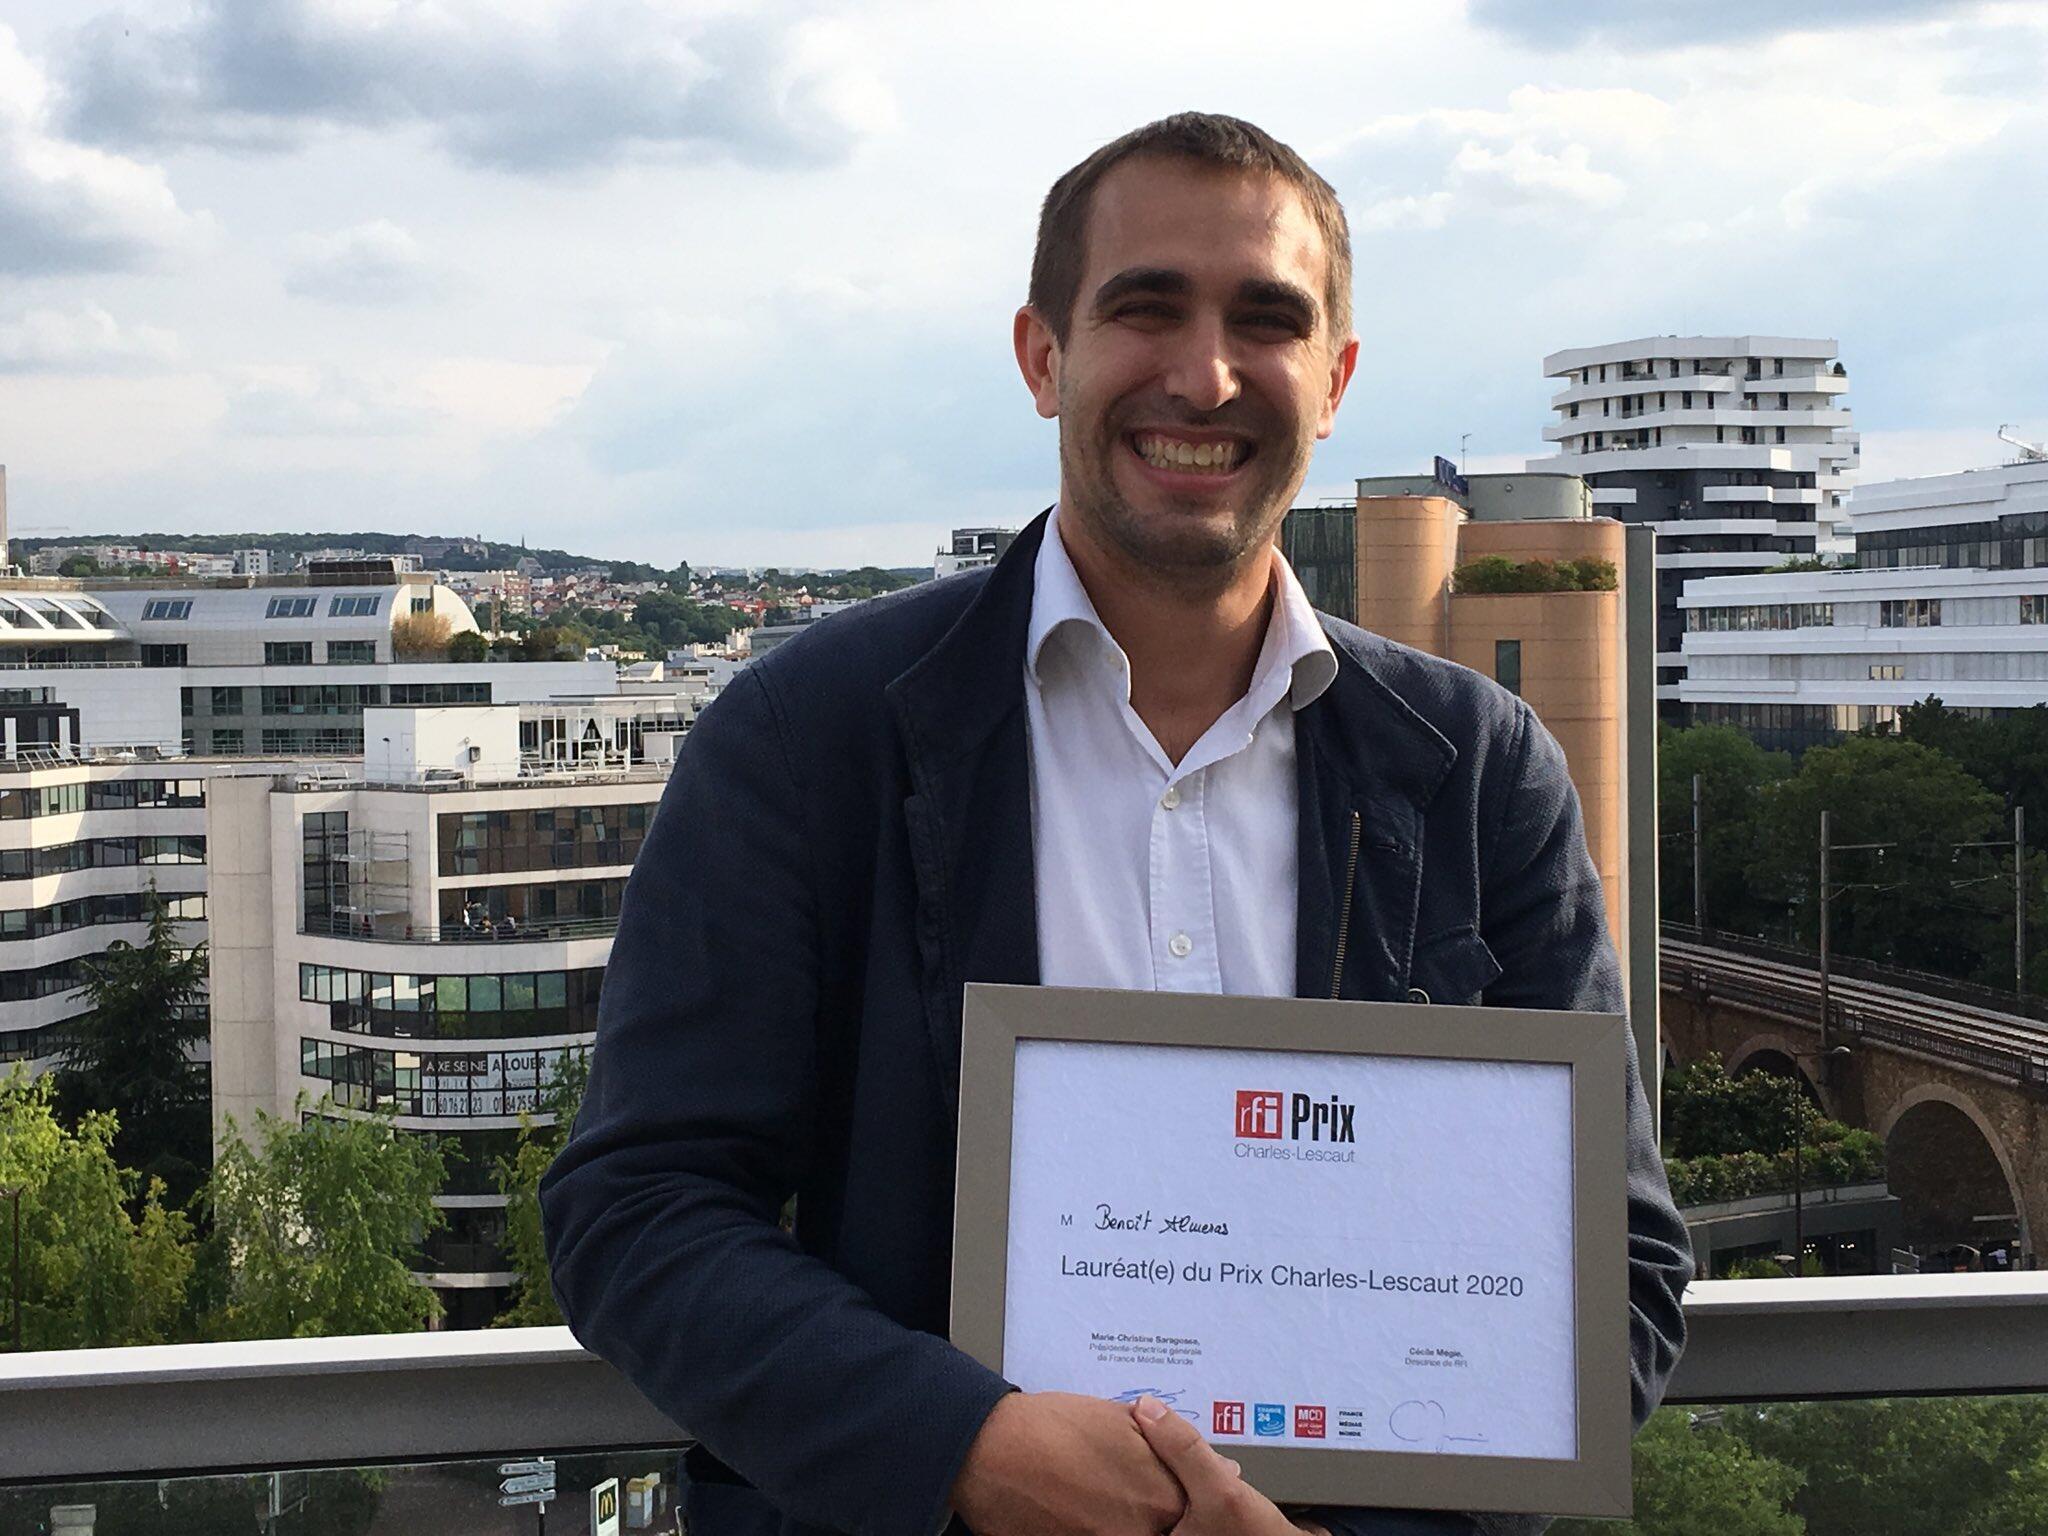 Benoit Almeras, lauréat du Prix RFI Charles-Lescaut 2020.